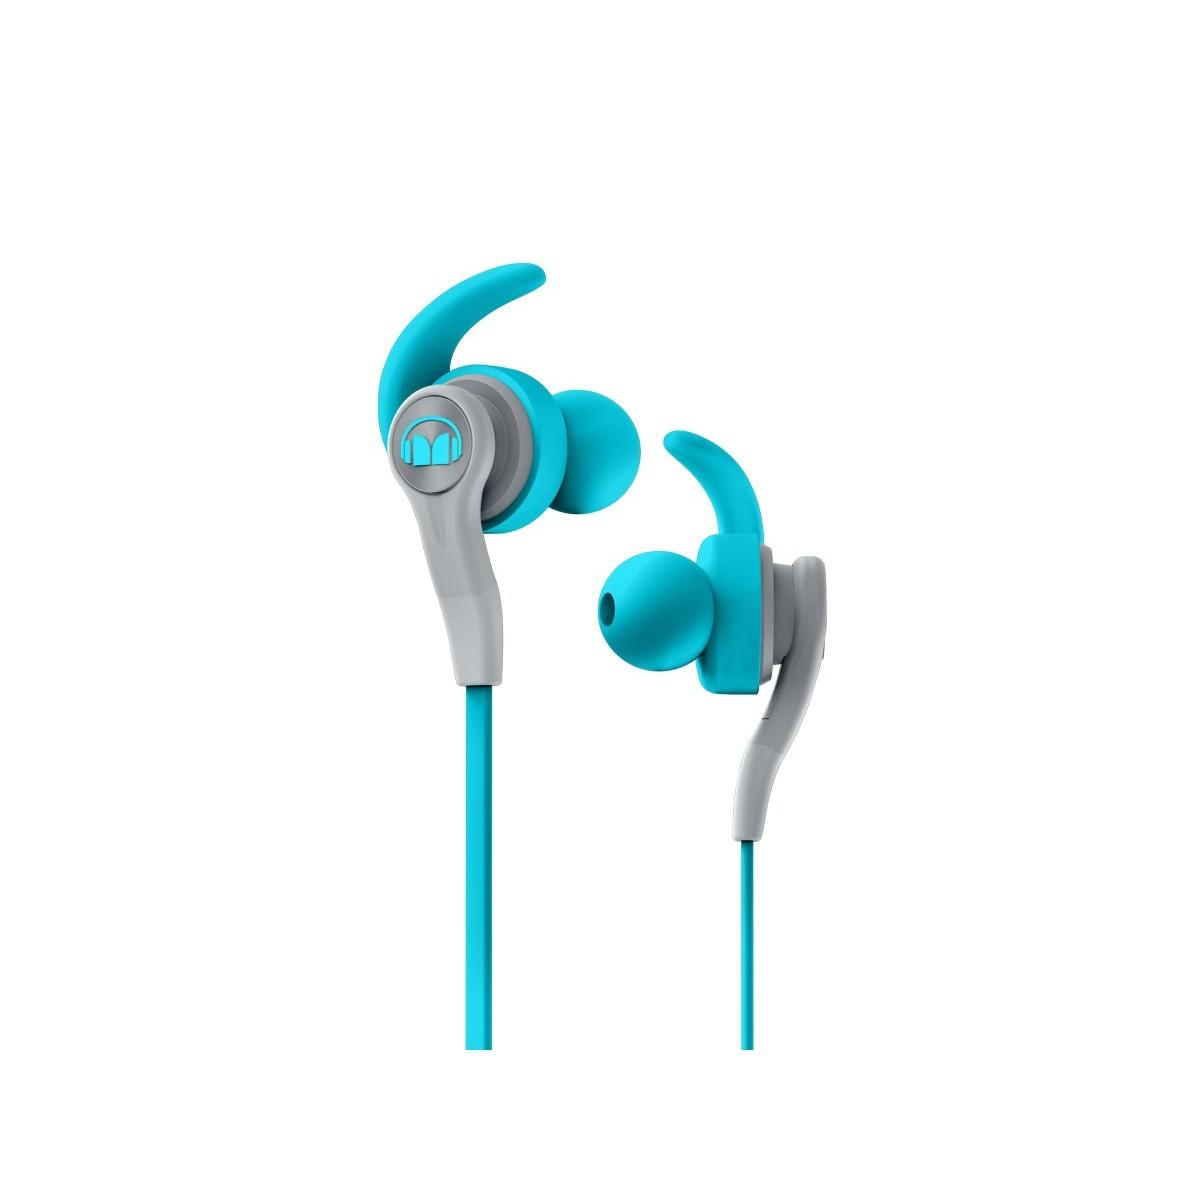 Monster iSport Compete CTU douszne słuchawki przewodowe, niebieskie ISPORT CMPT IE BLUE_POSN_123_json